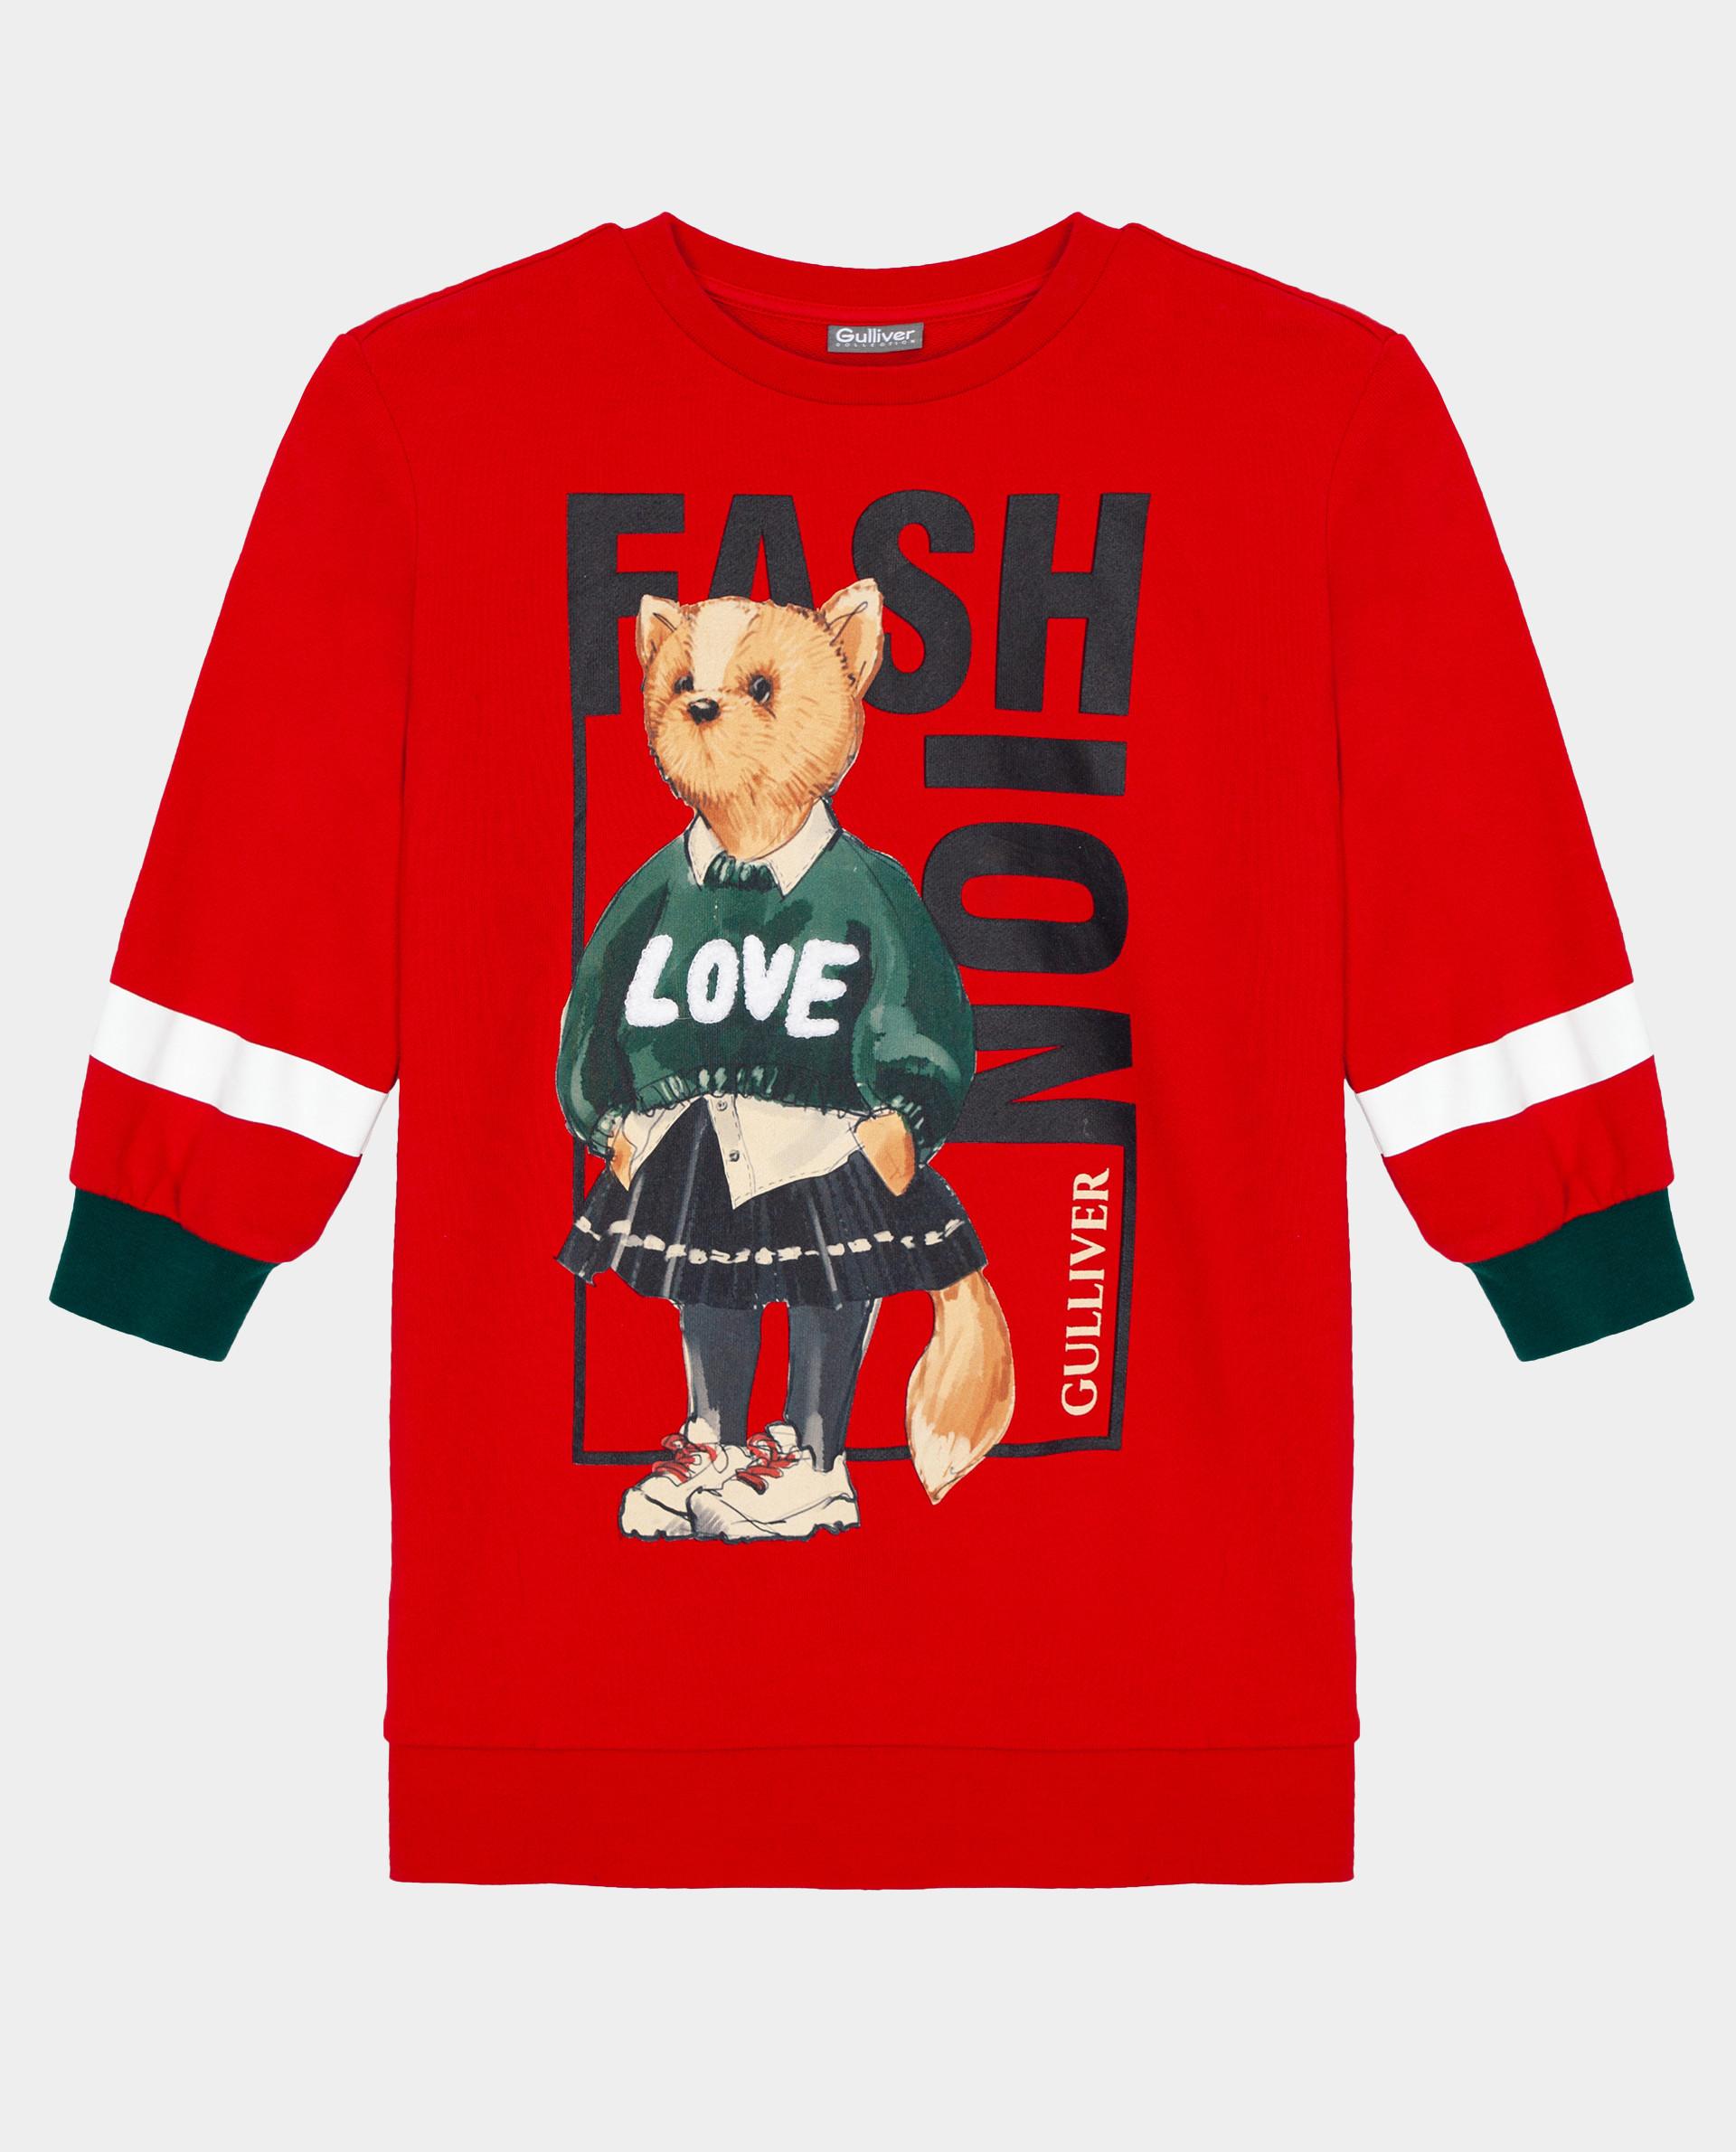 Красное платье Gulliver 22002GMC5003, размер 116,  - купить со скидкой